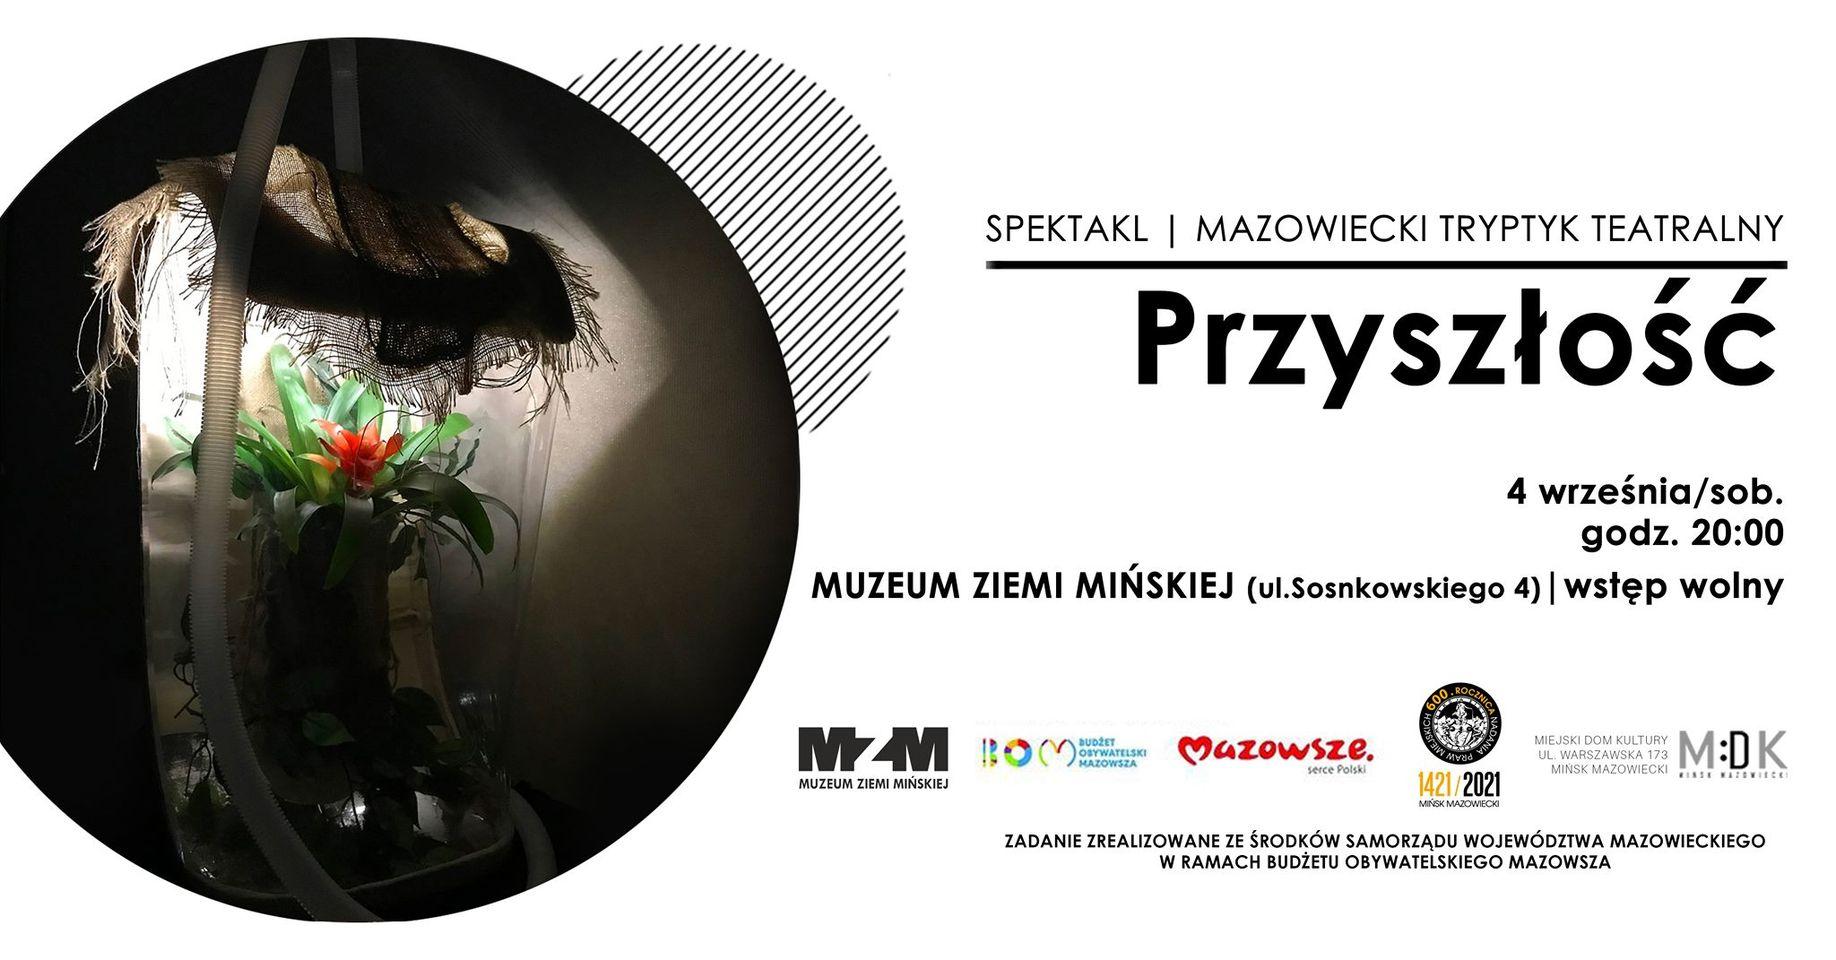 Teraźniejszość | SPEKTAKL Mazowiecki Tryptyk Teatralny